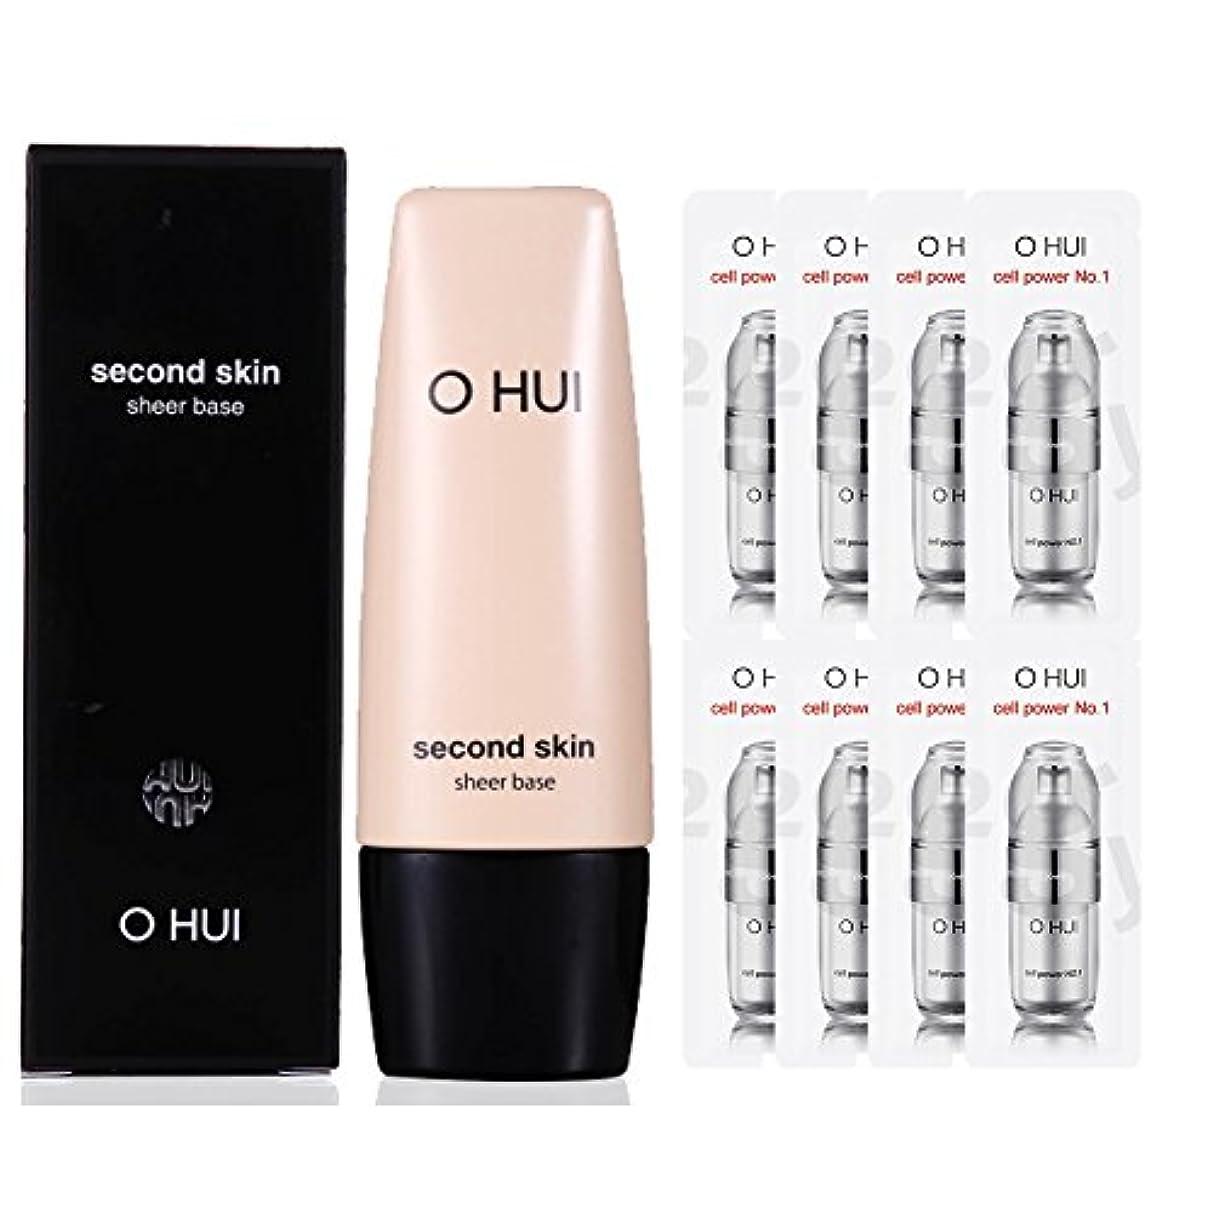 廃棄する絶望ハウスOHUI/オフィセカンドスキン シアーベース + 特別の構成 (OHUI SECOND SKIN SHEER BASE Makeup Base +Special Gift set)]【スポットセール】[海外直送品]